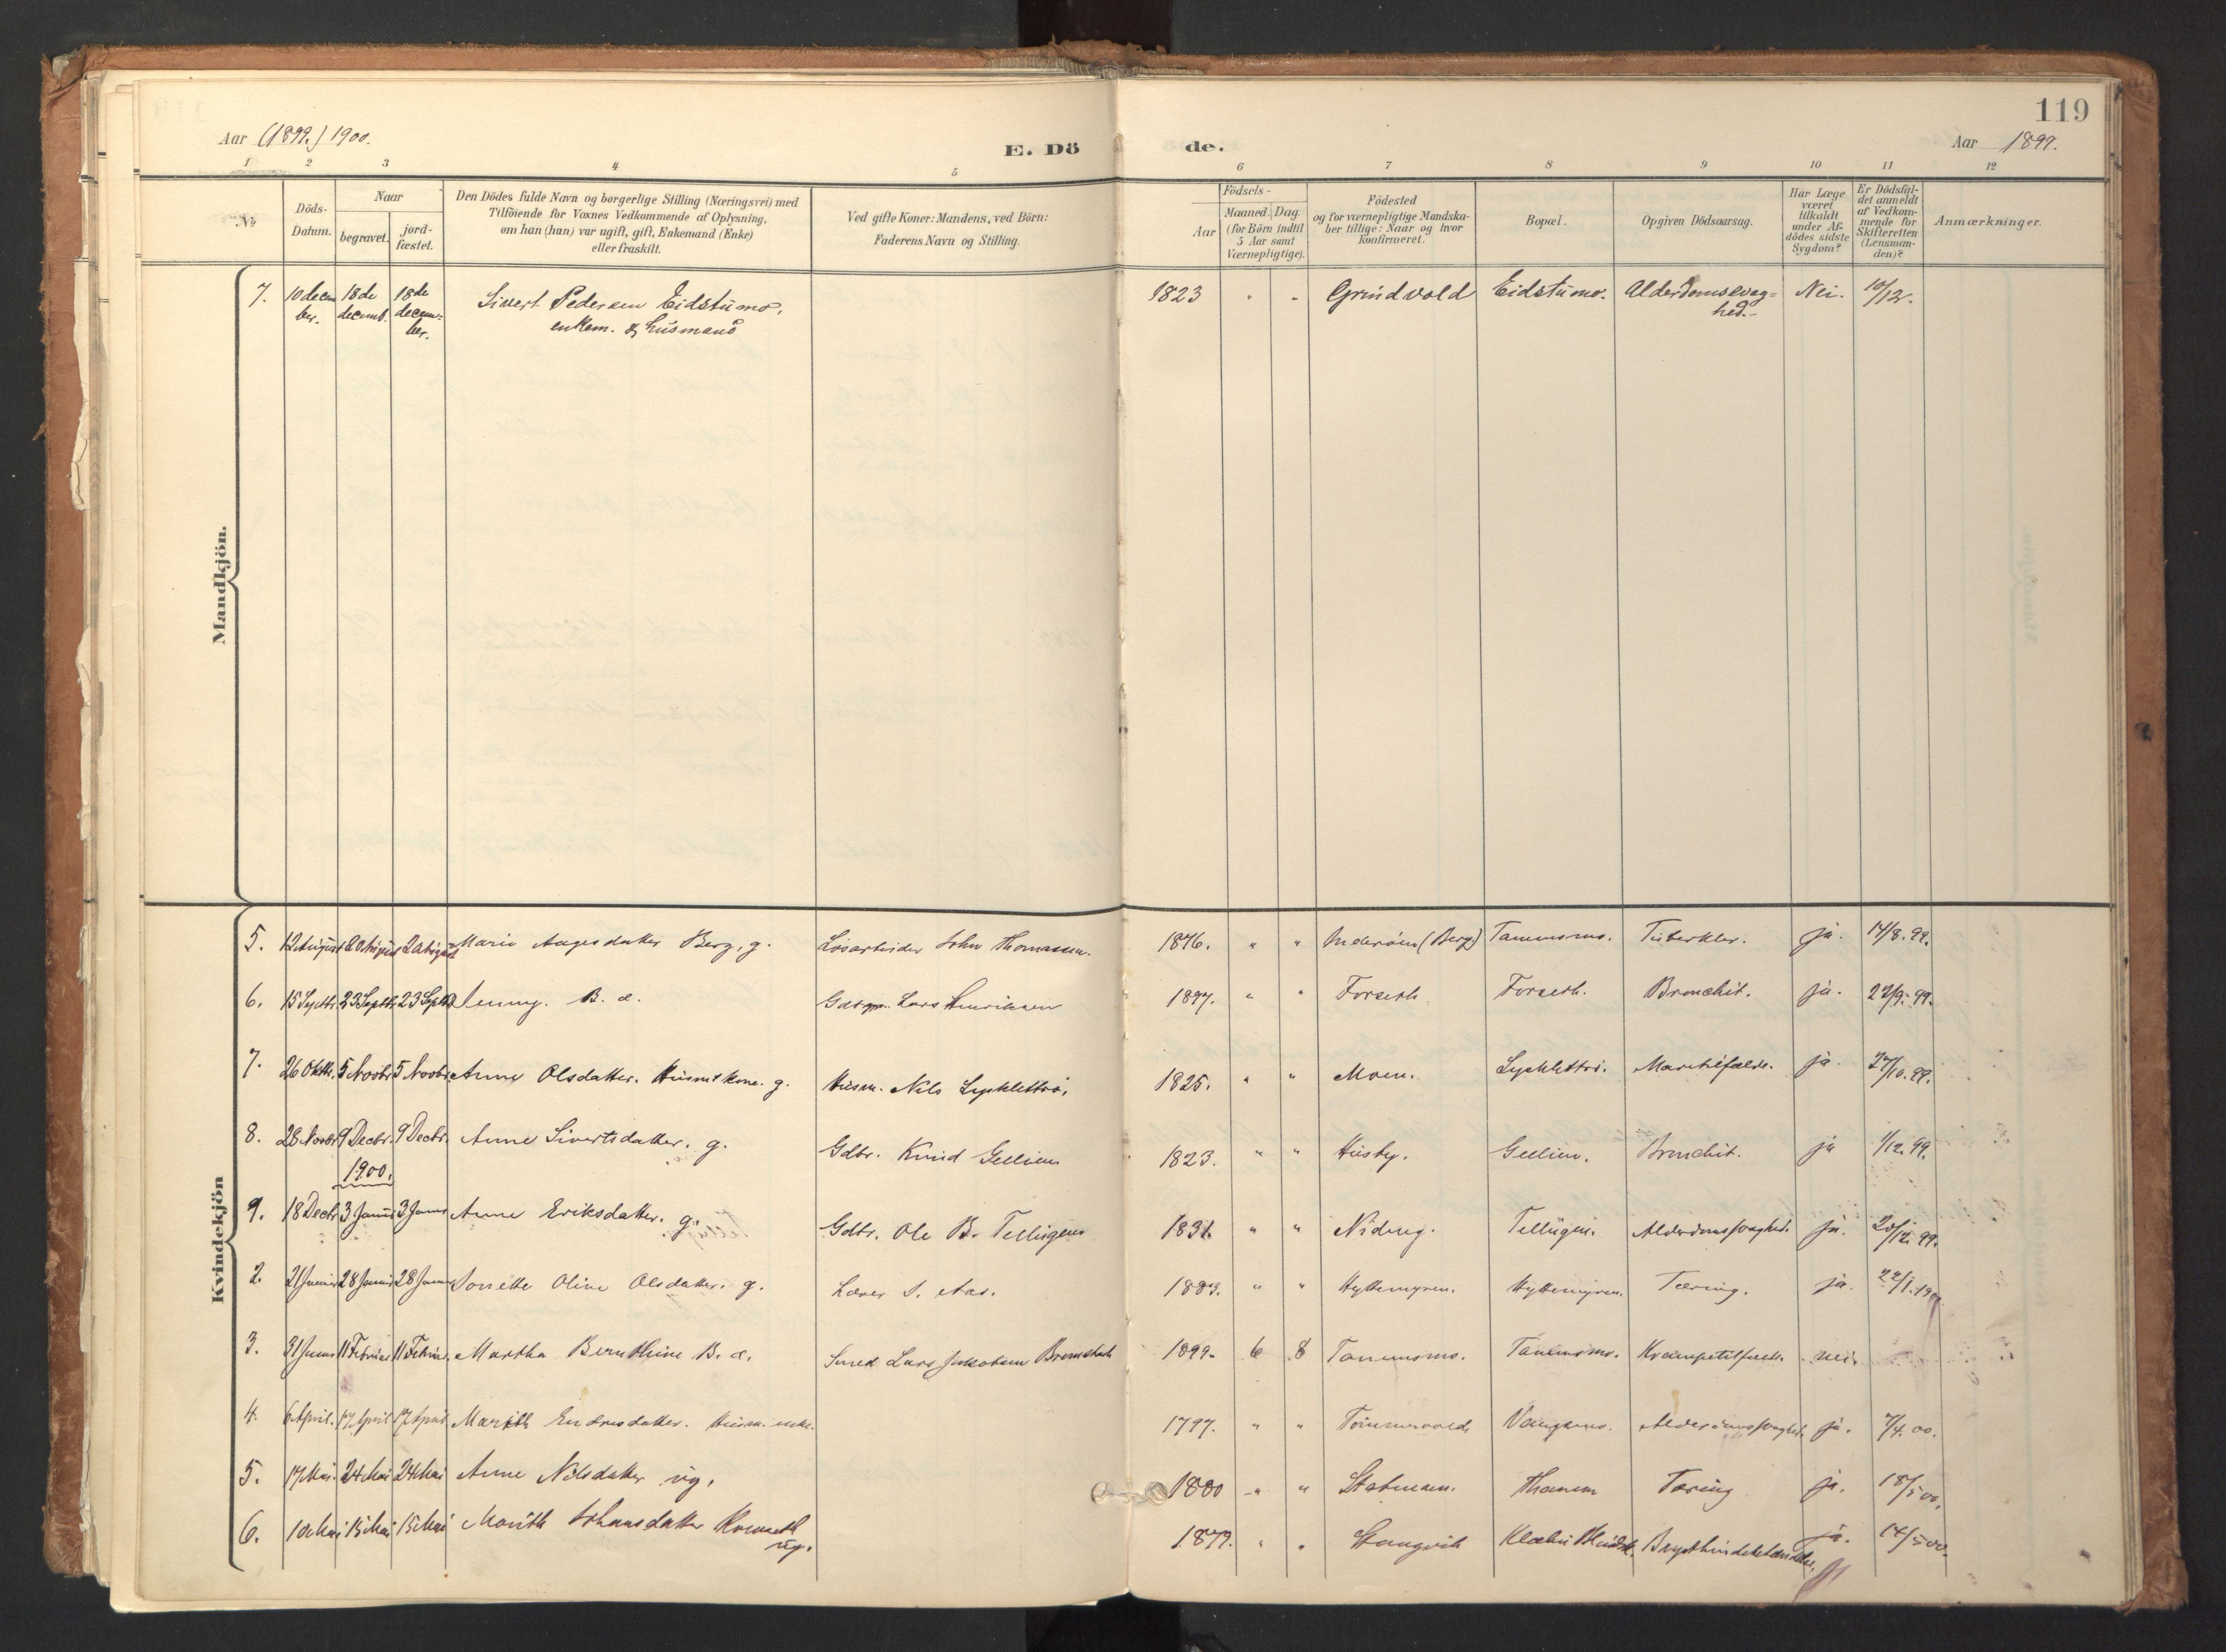 SAT, Ministerialprotokoller, klokkerbøker og fødselsregistre - Sør-Trøndelag, 618/L0448: Ministerialbok nr. 618A11, 1898-1916, s. 119